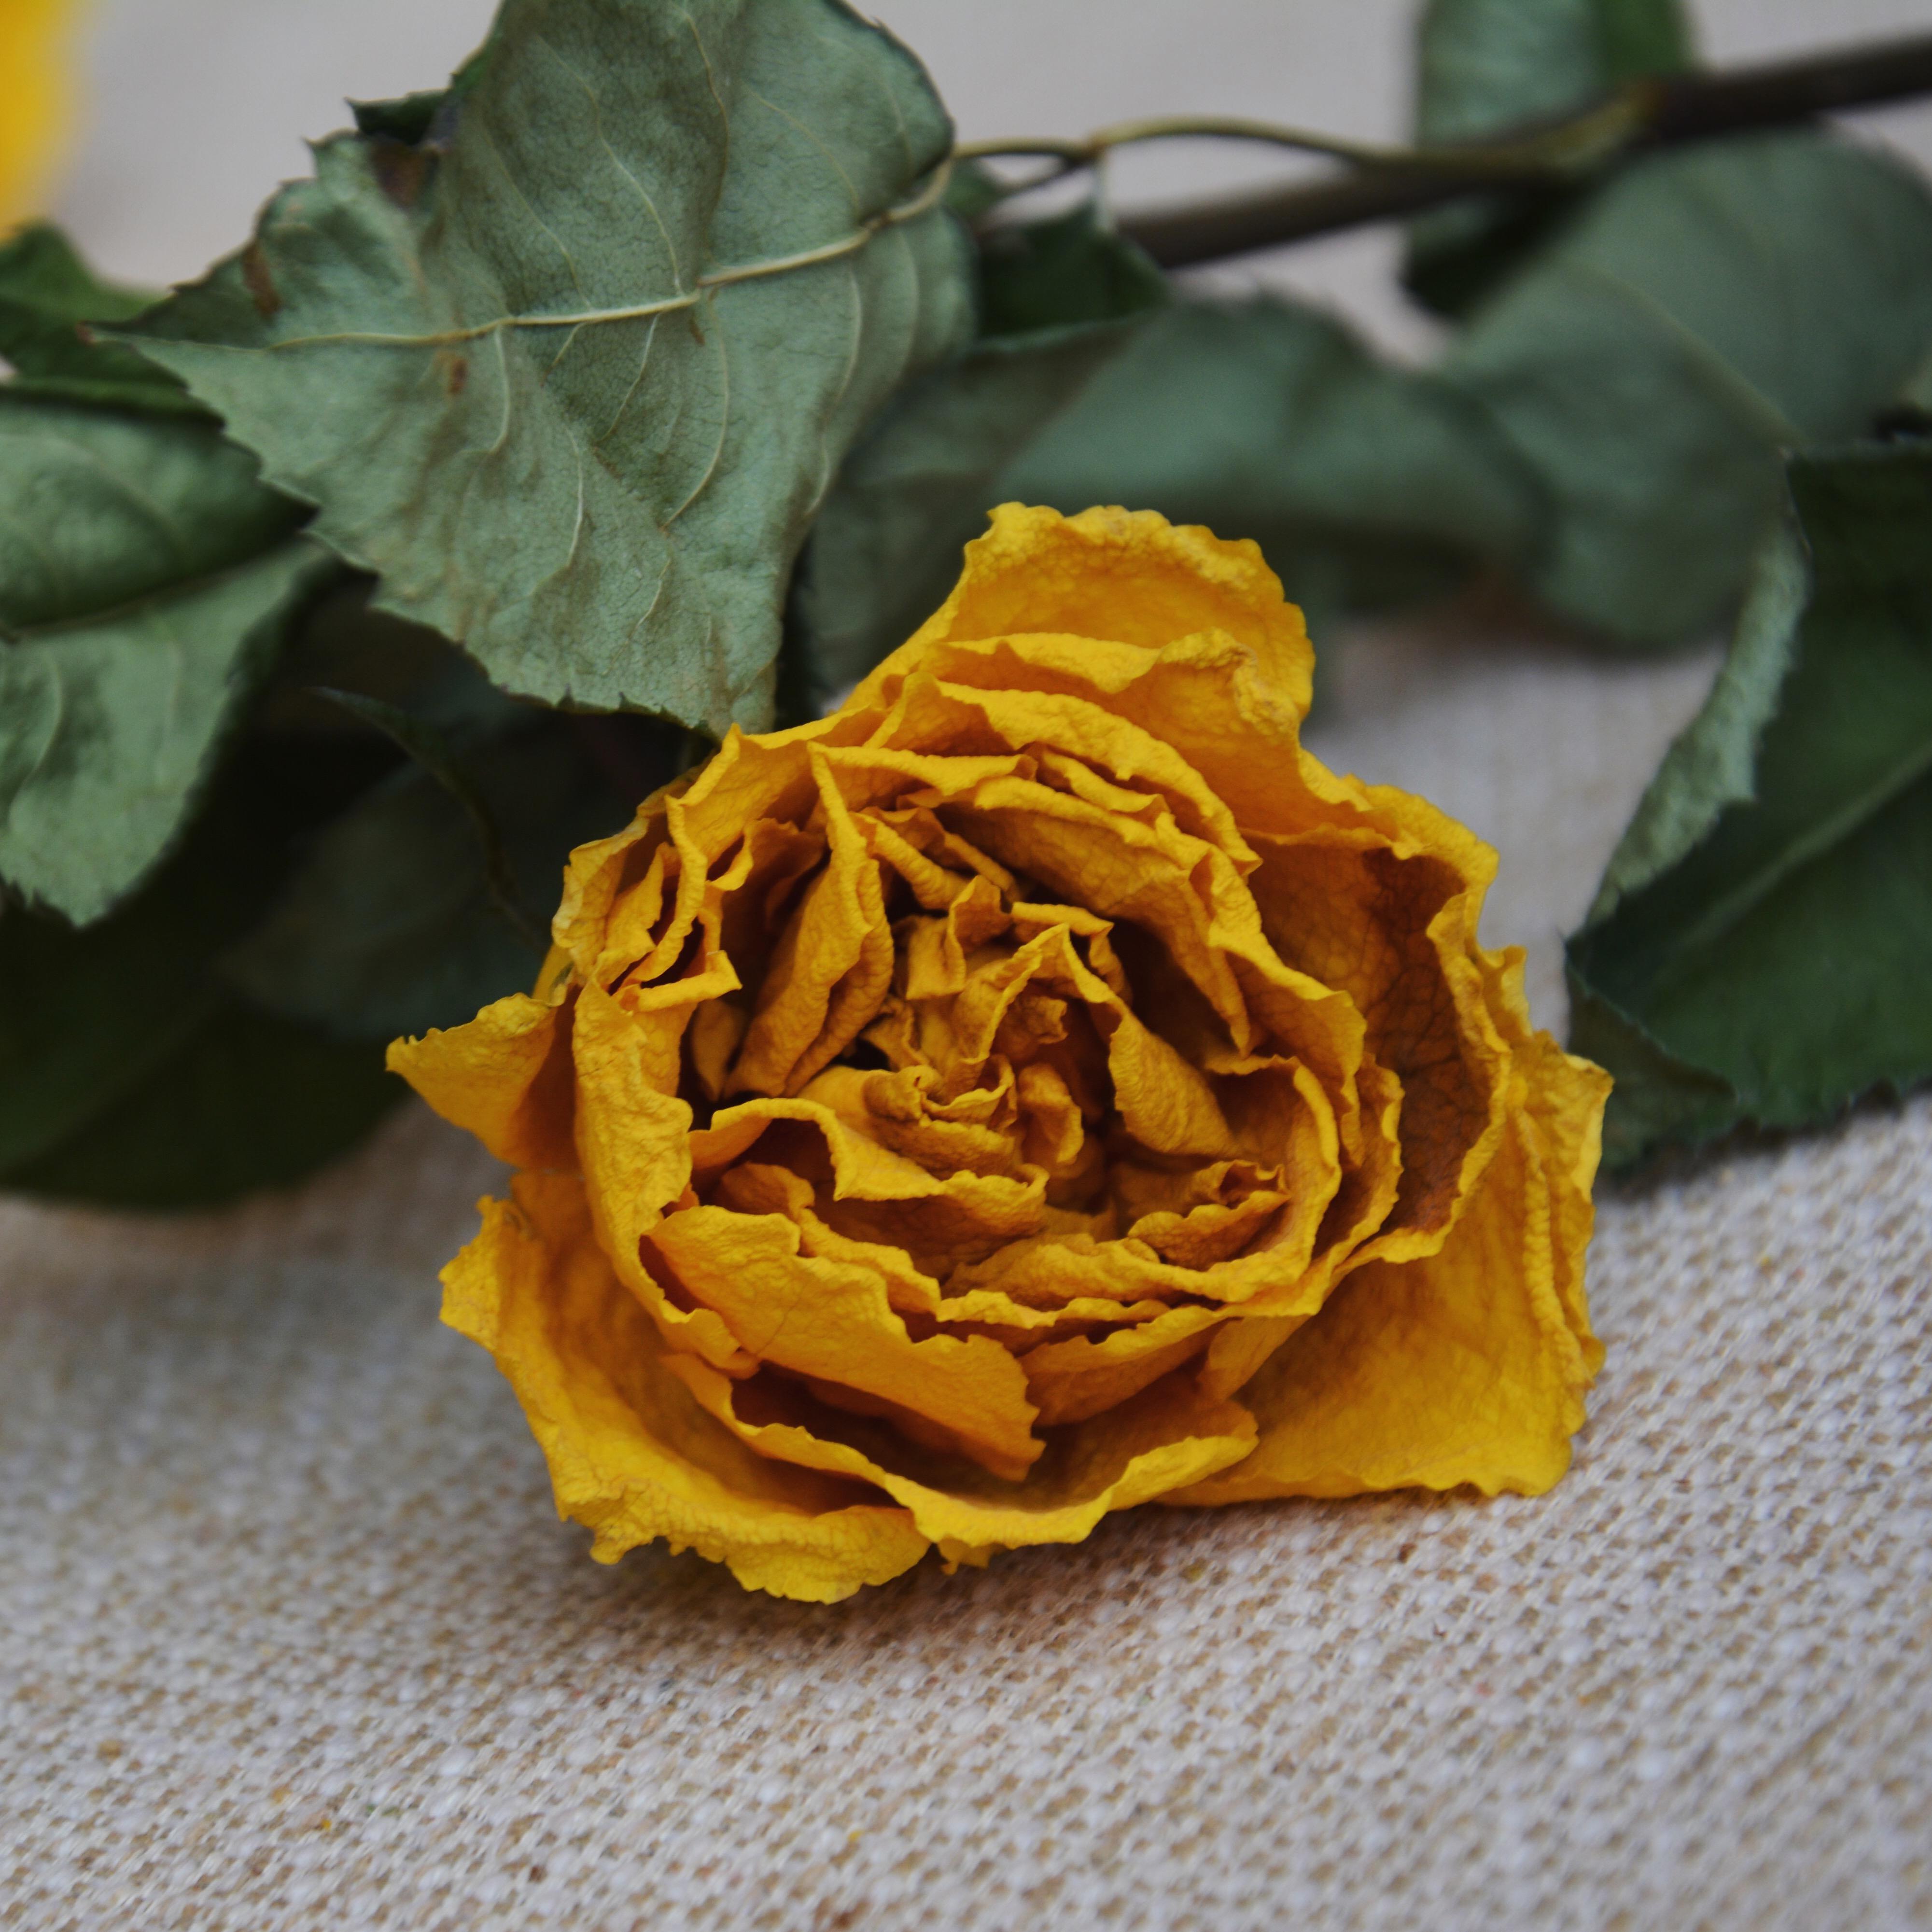 Императорская корона желтые розы сухие цветы 3 филиал натуральные высушенный DIY букет сухие цветы лесоматериалы домой магазин декоративный сухие цветы